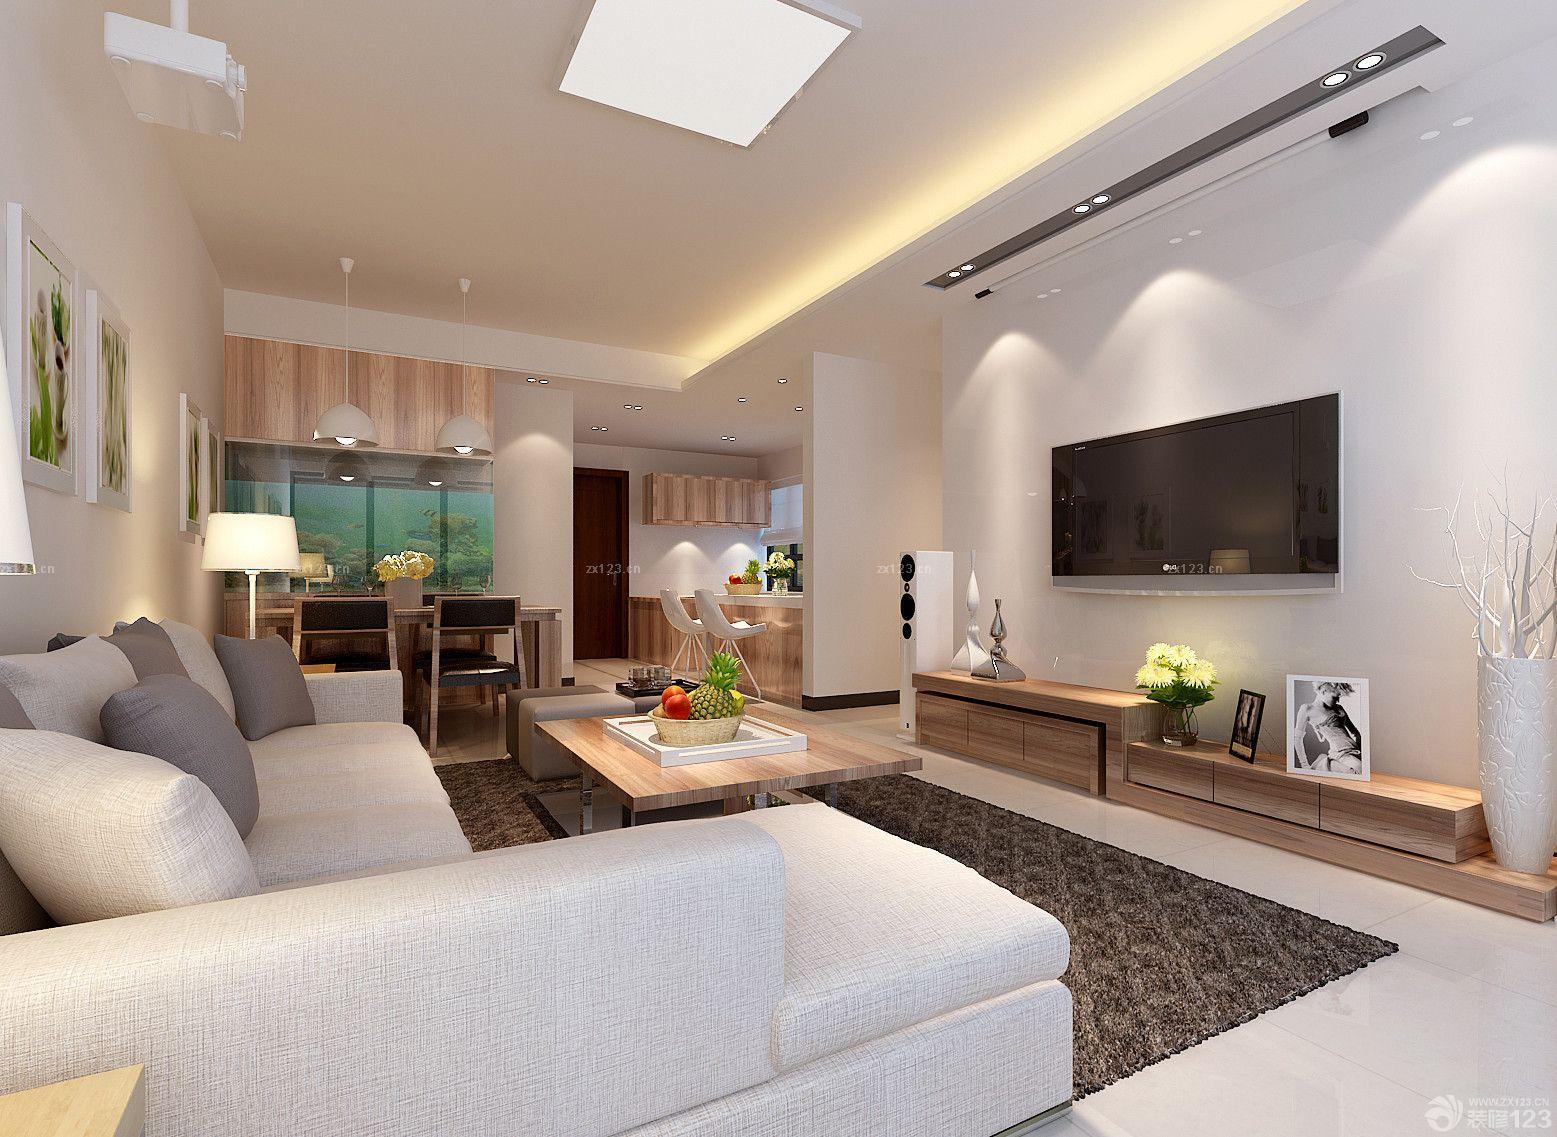 简约温馨小三室18平米客厅装修效果图设计